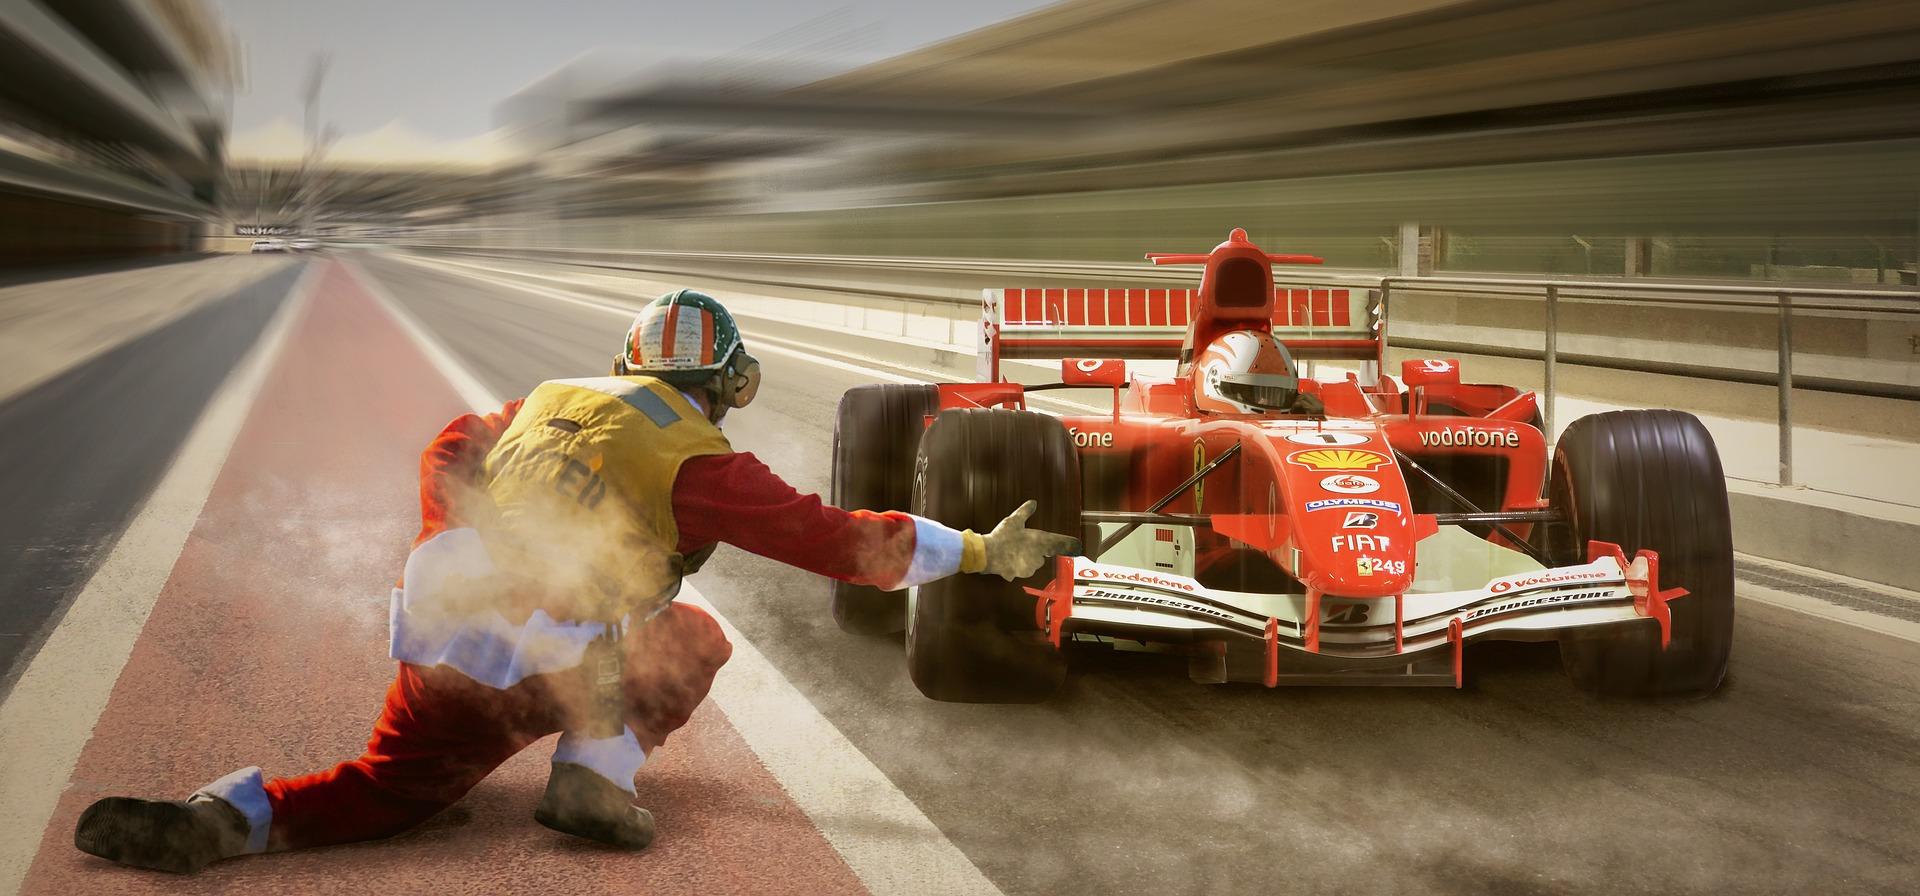 Race car - Formula 1 - Pit stop